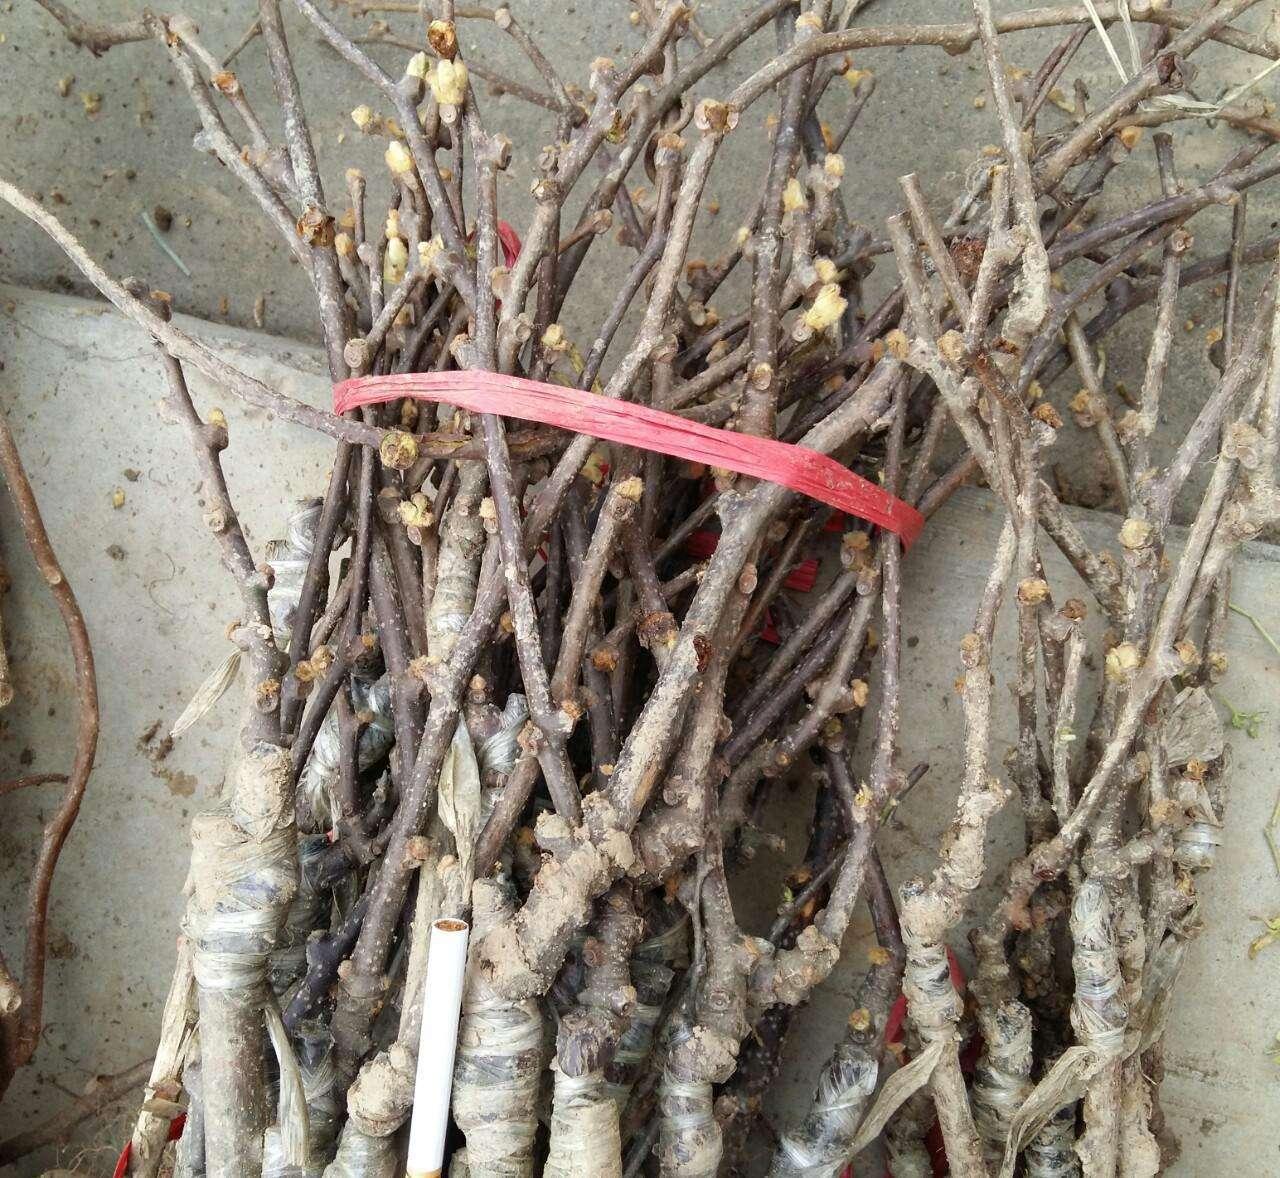 供应西安市原产地猕猴桃,产地直销